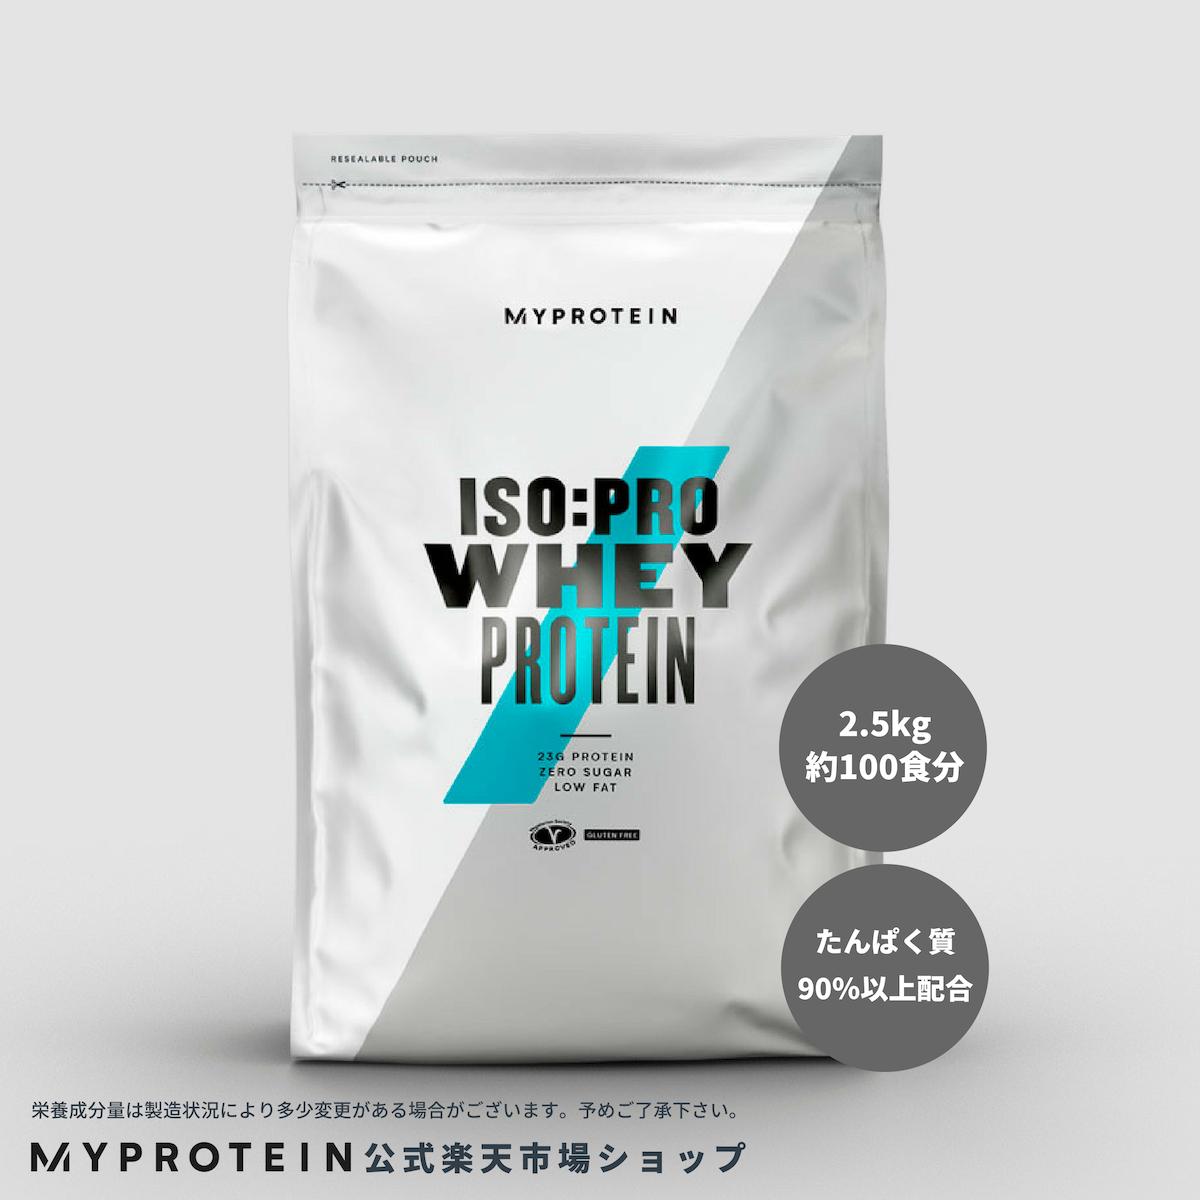 マイプロテイン 公式 【MyProtein】 アイソプロ ホエイプロテイン 2.5kg 約100食分| プロテイン ホエイ ホエイプロテイン ダイエット バルクアップ ボディーメイク アミノ酸 無糖 糖質制限 低糖質 低脂肪